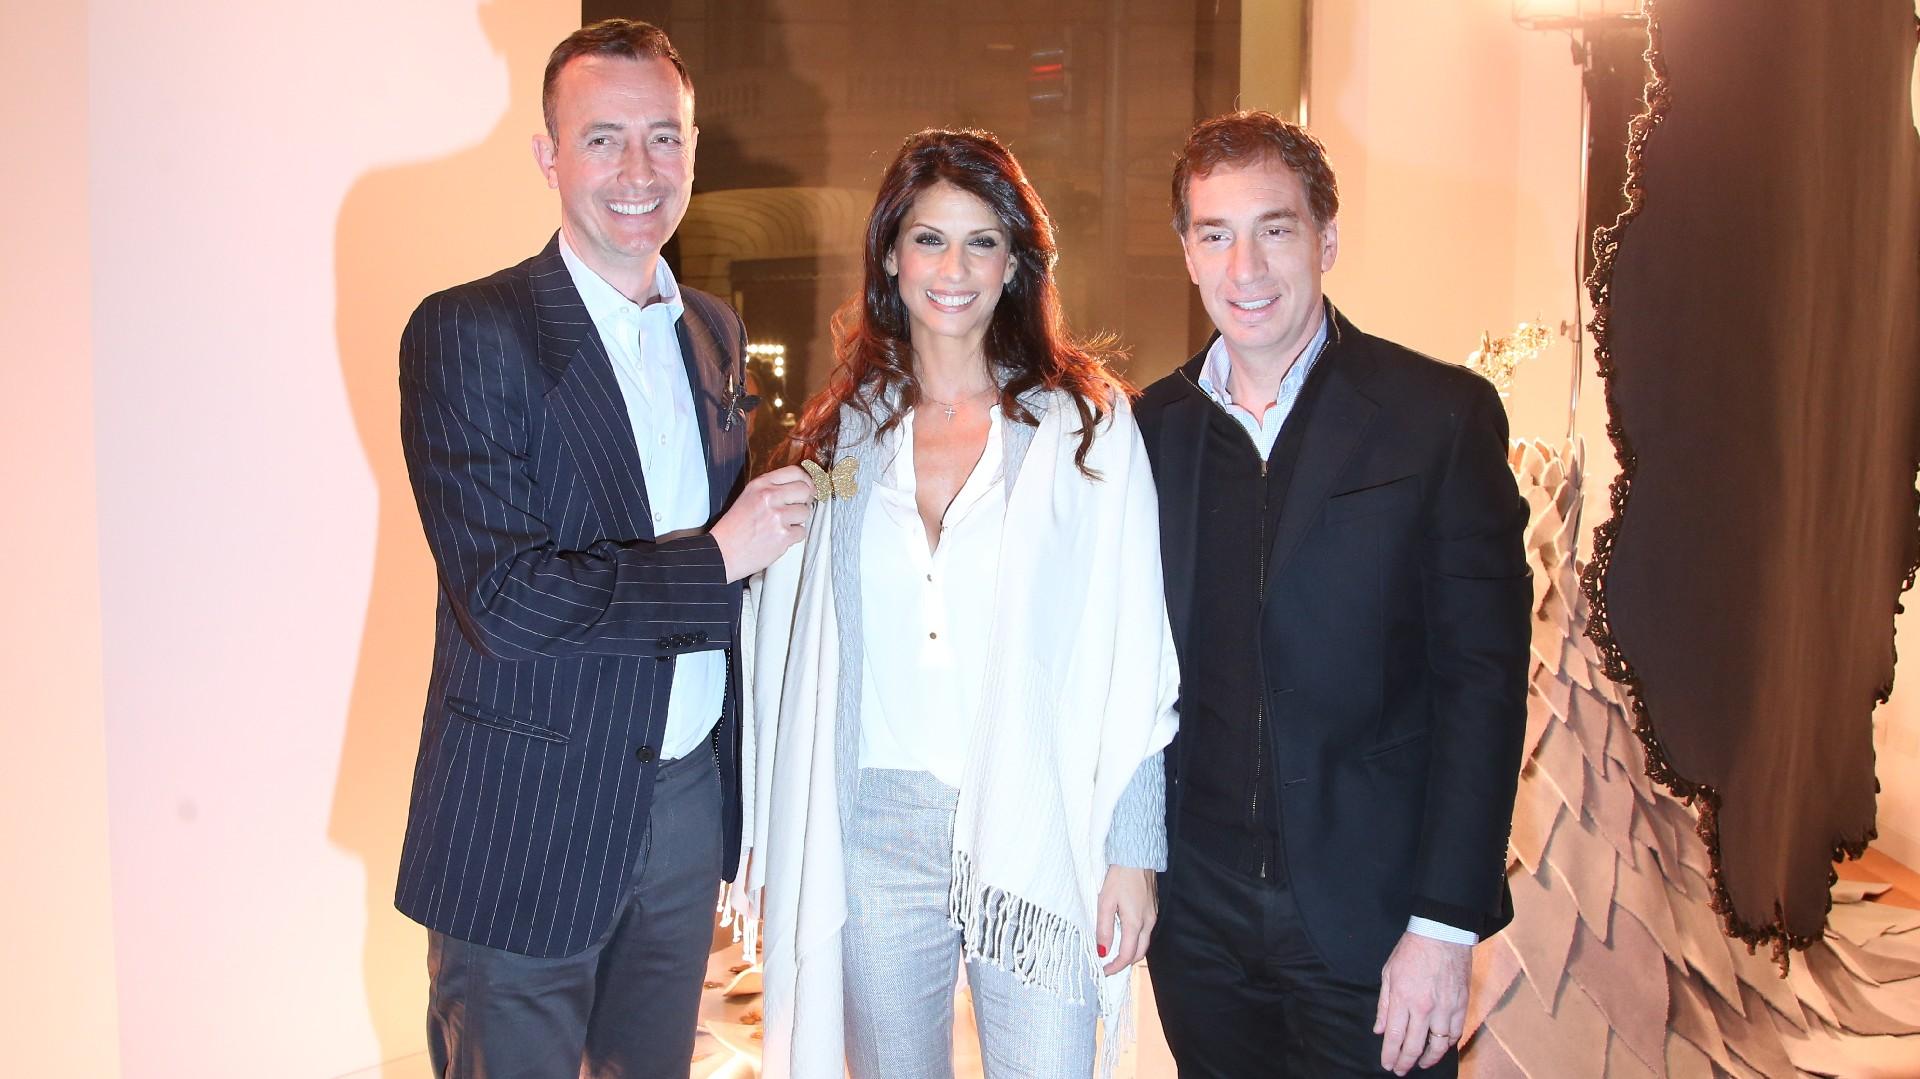 Celedonio Lohidoy intervino la gran vidriera de un local de alfombras y recibió las felicitaciones de Diego Santilli y Analía Maiorana